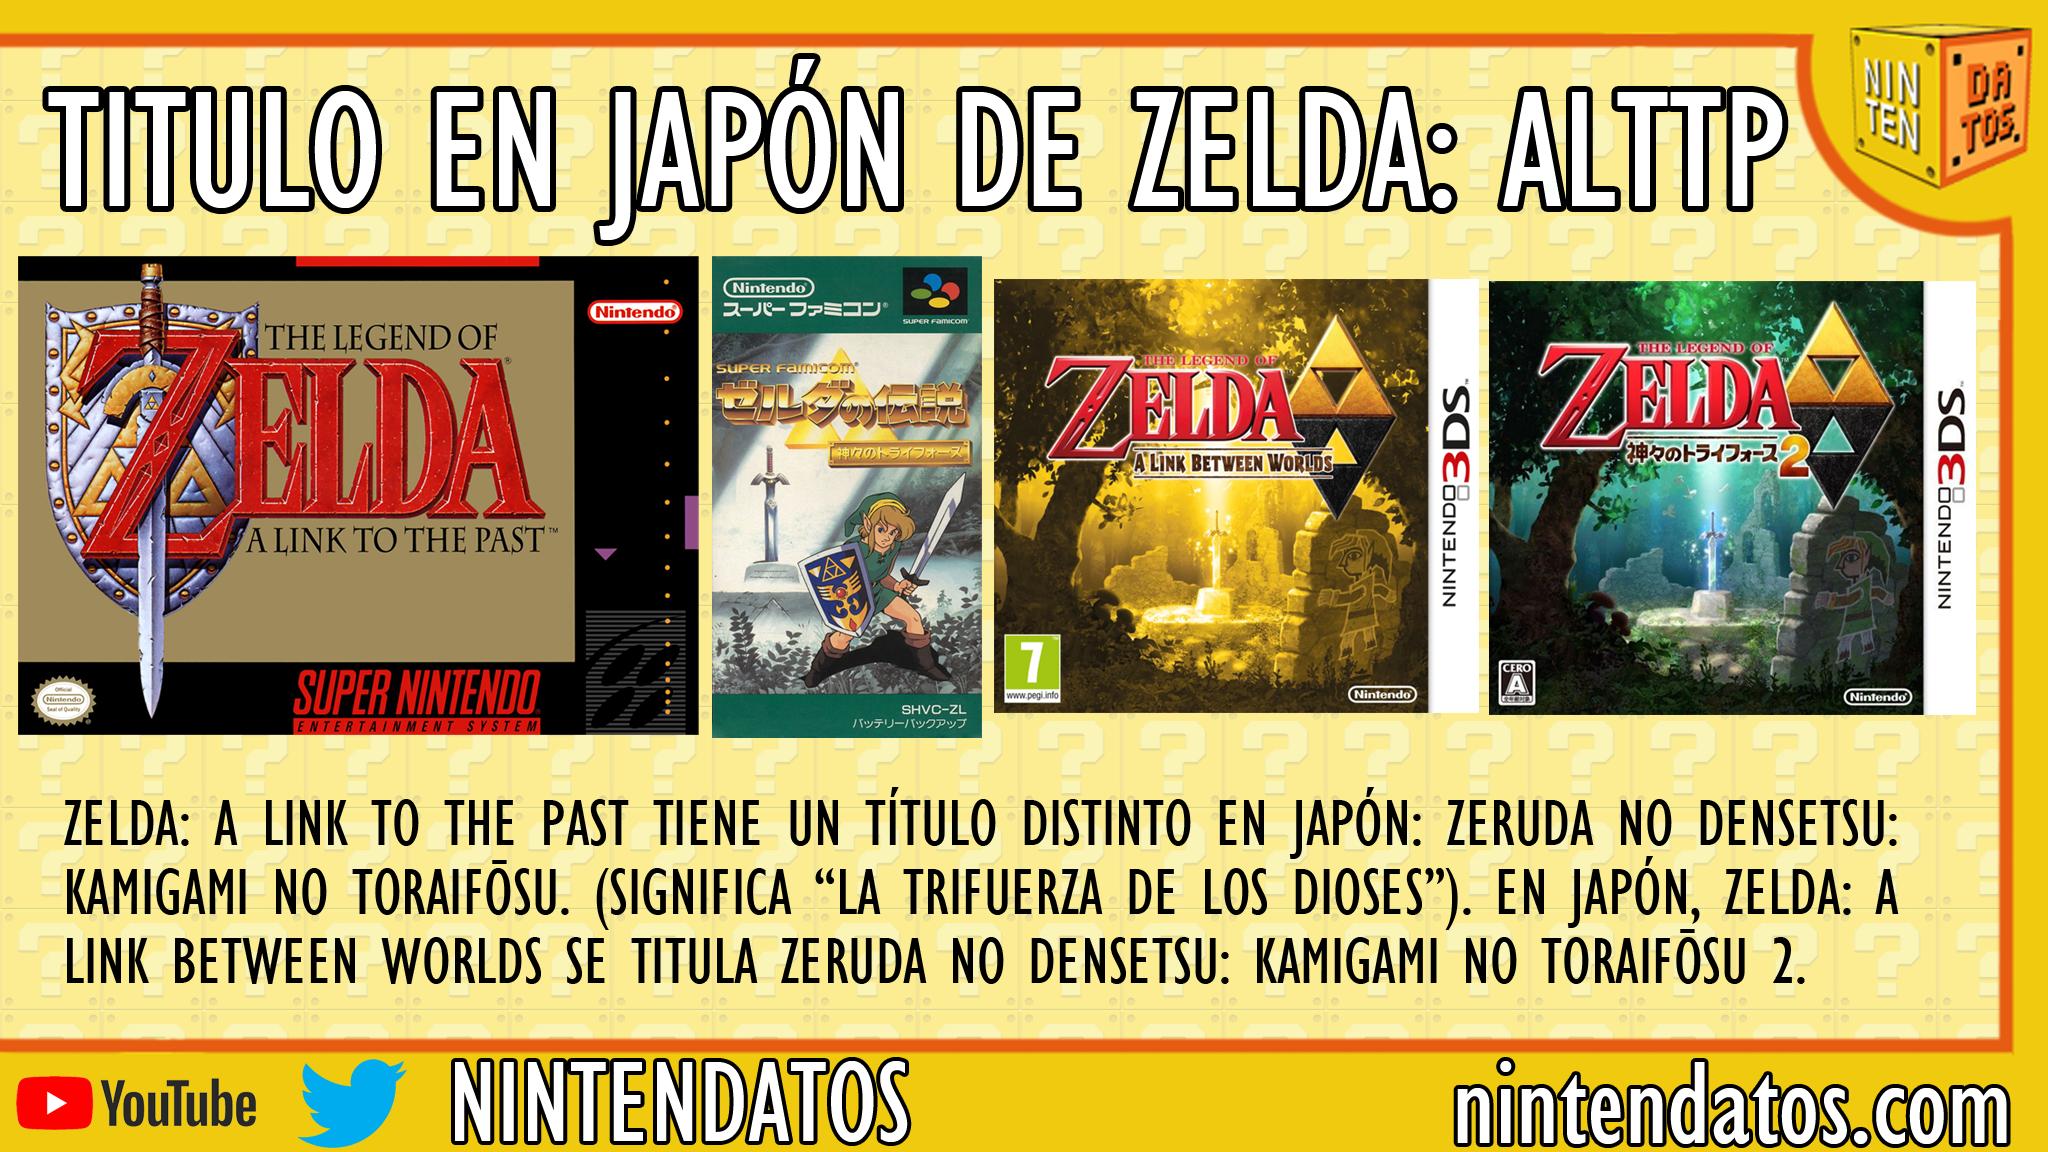 Título en Japón de Zelda ALTTP